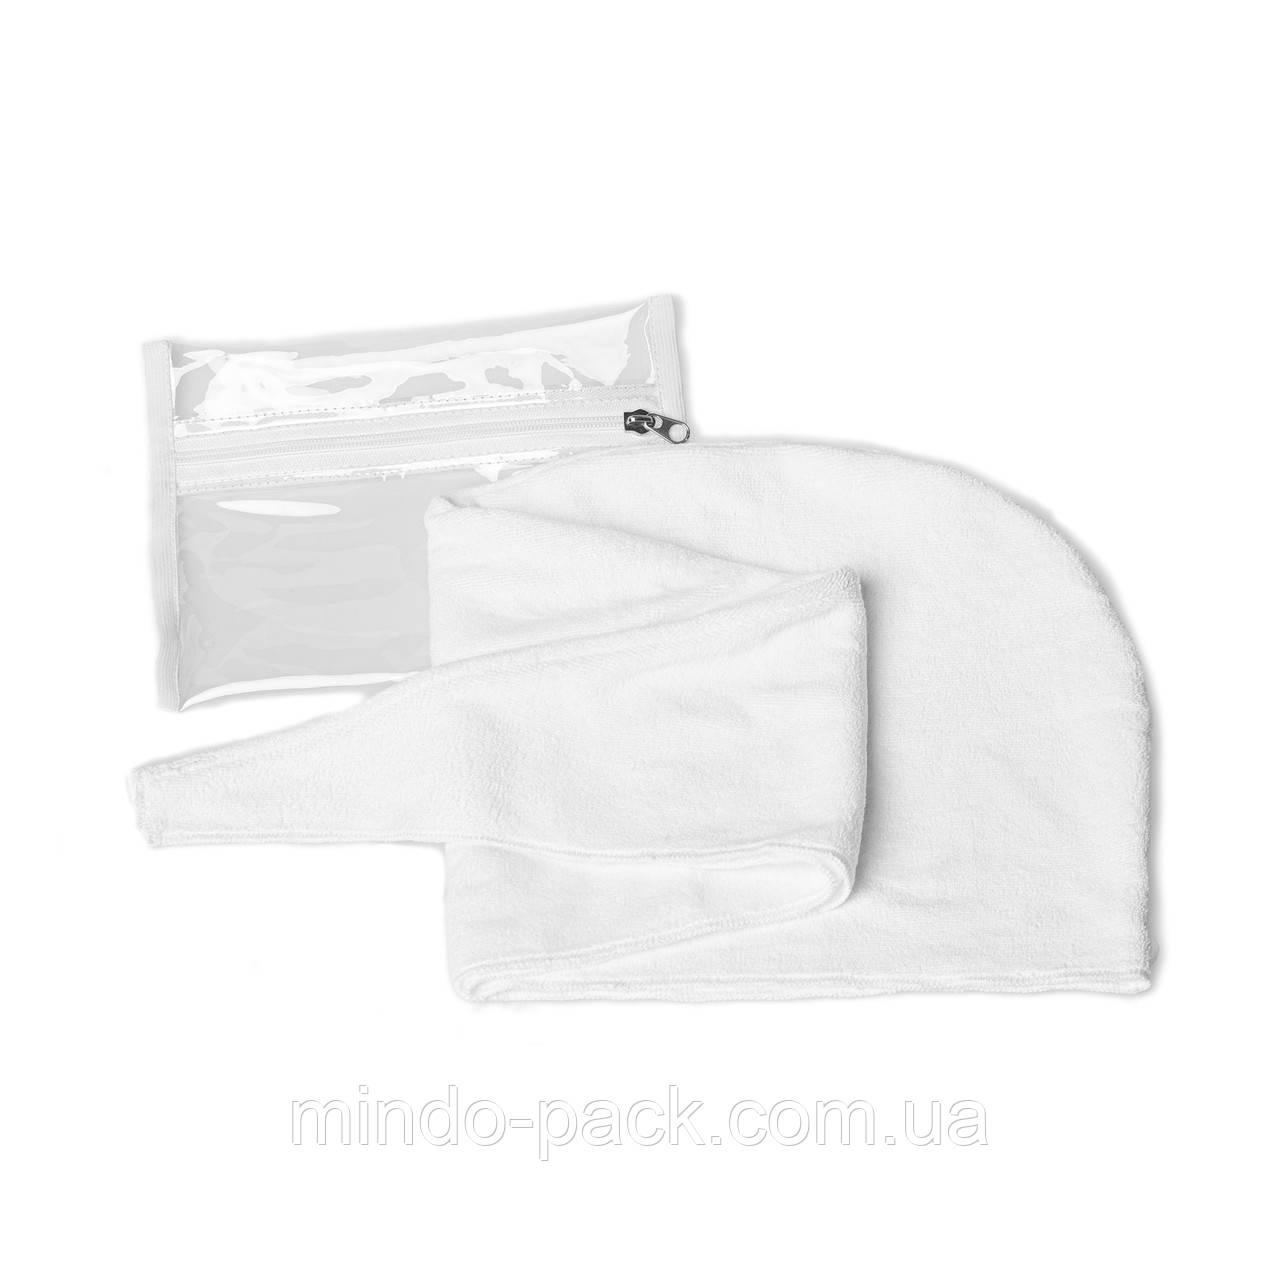 Полотенце - чалма для сушки волос из микрофибры (белая)